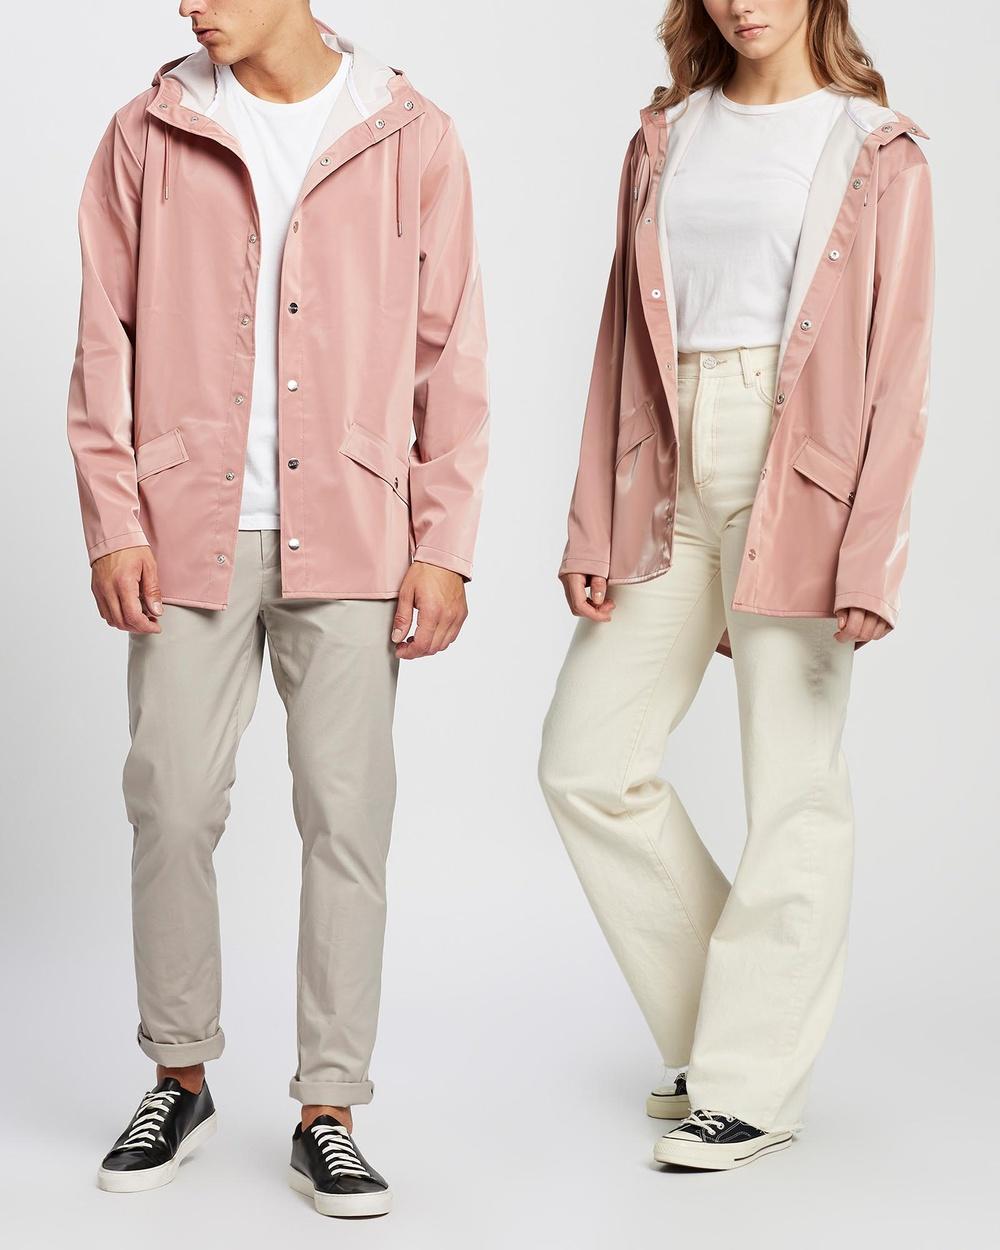 RAINS Jacket Unisex Coats & Jackets Blush